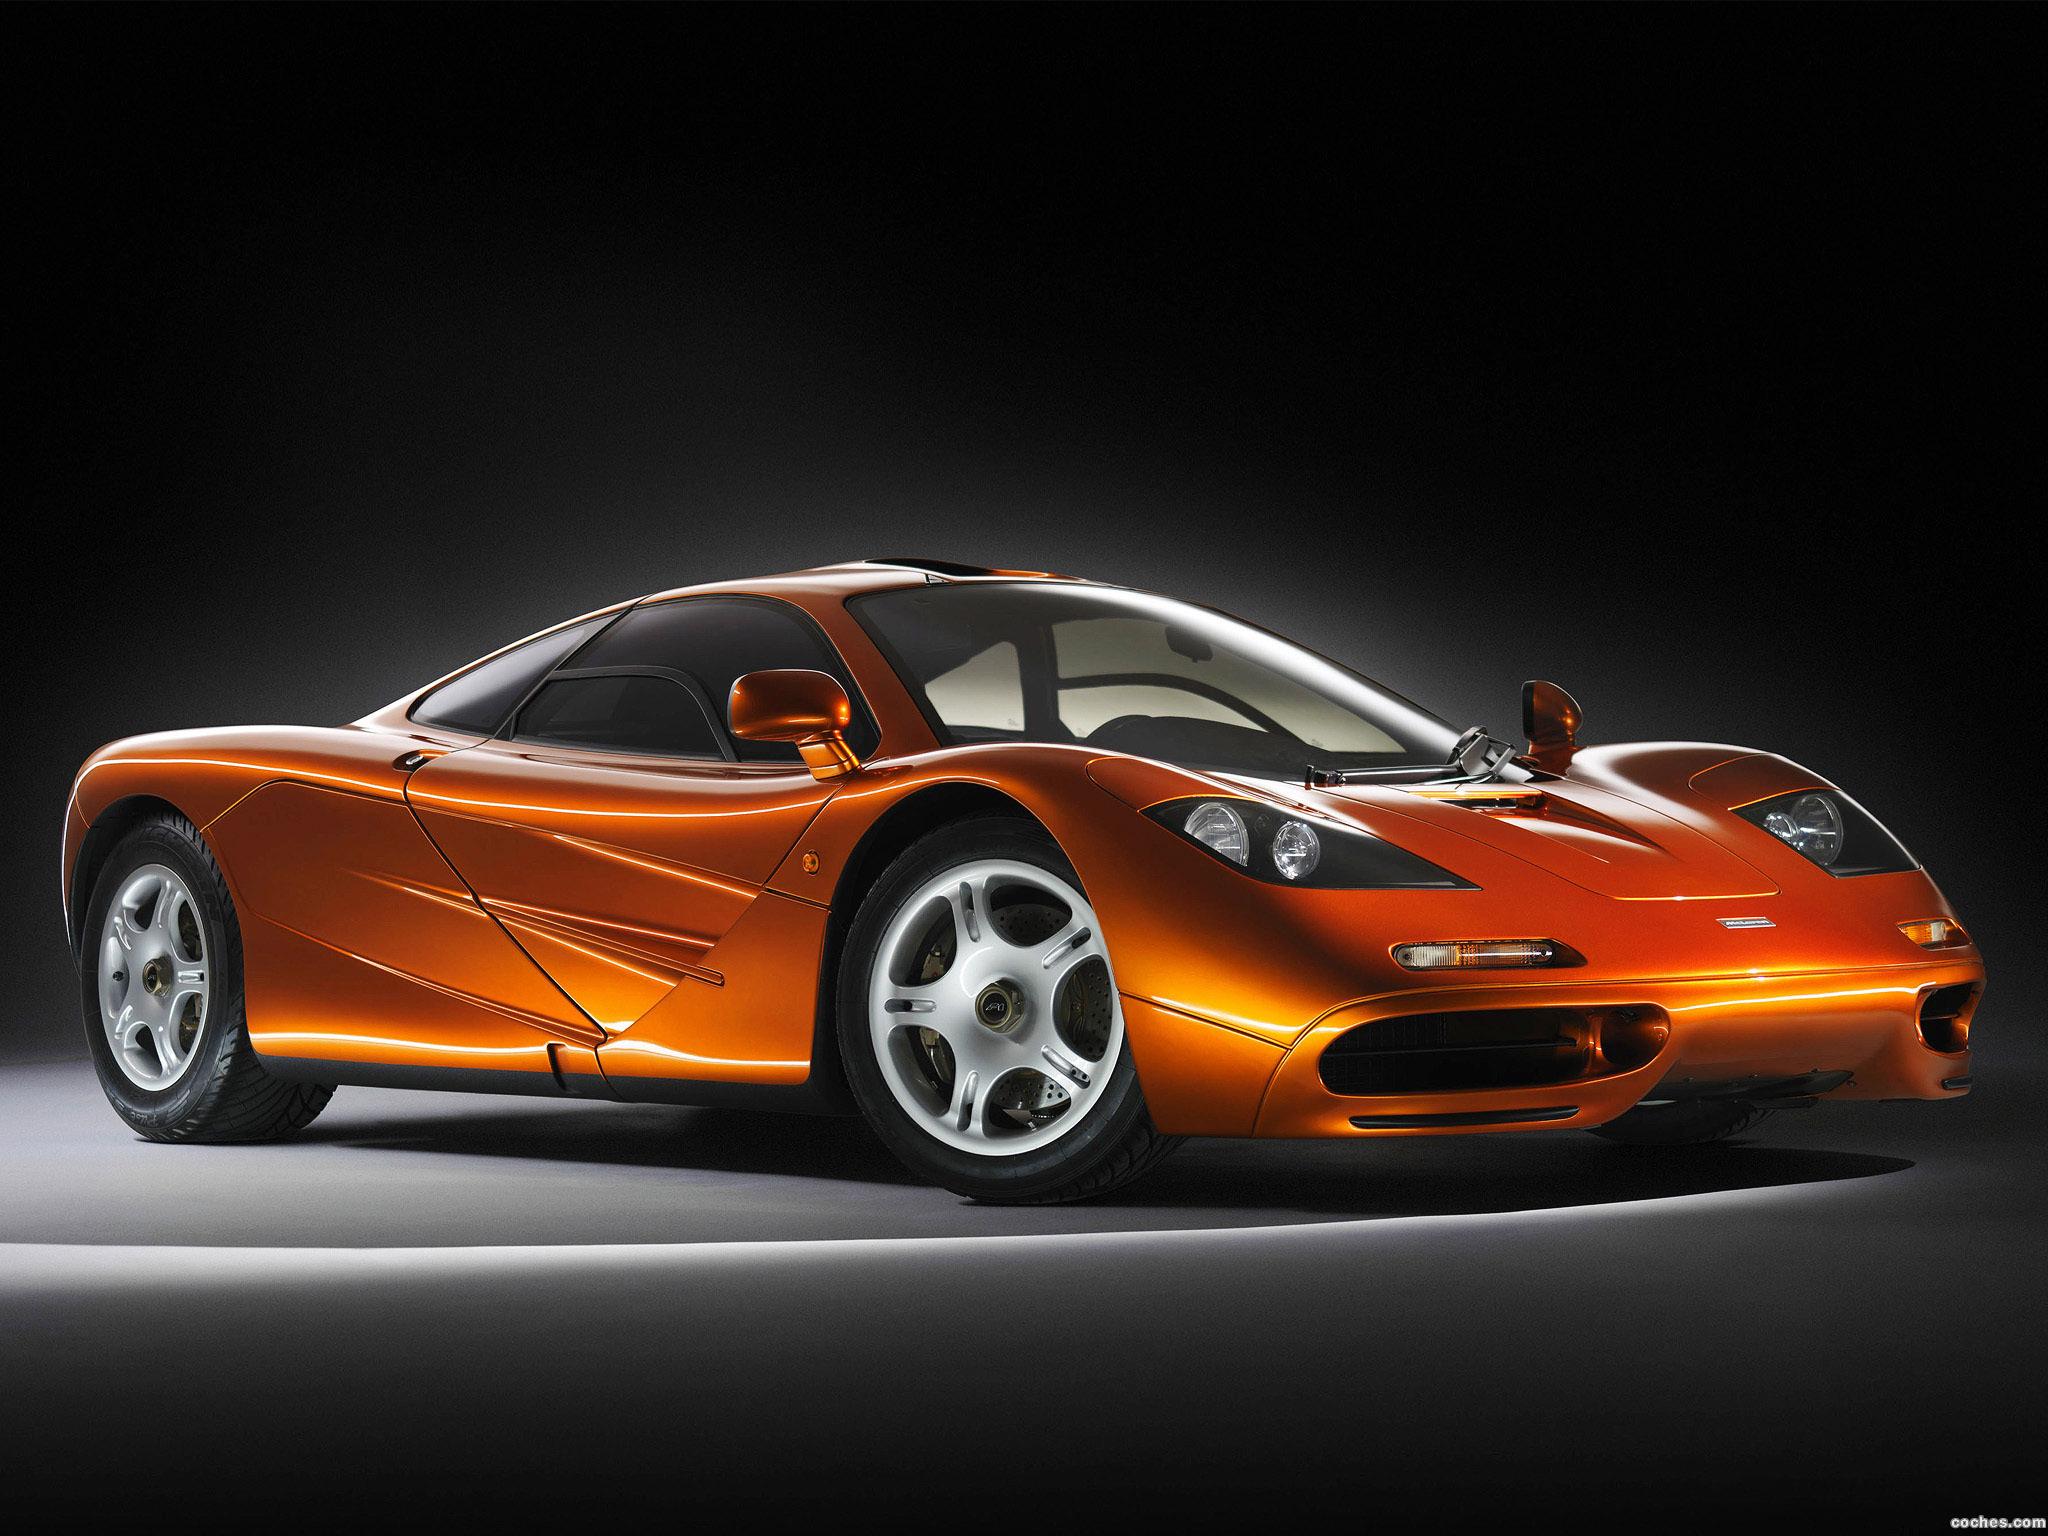 Foto 9 de McLaren F1 1993